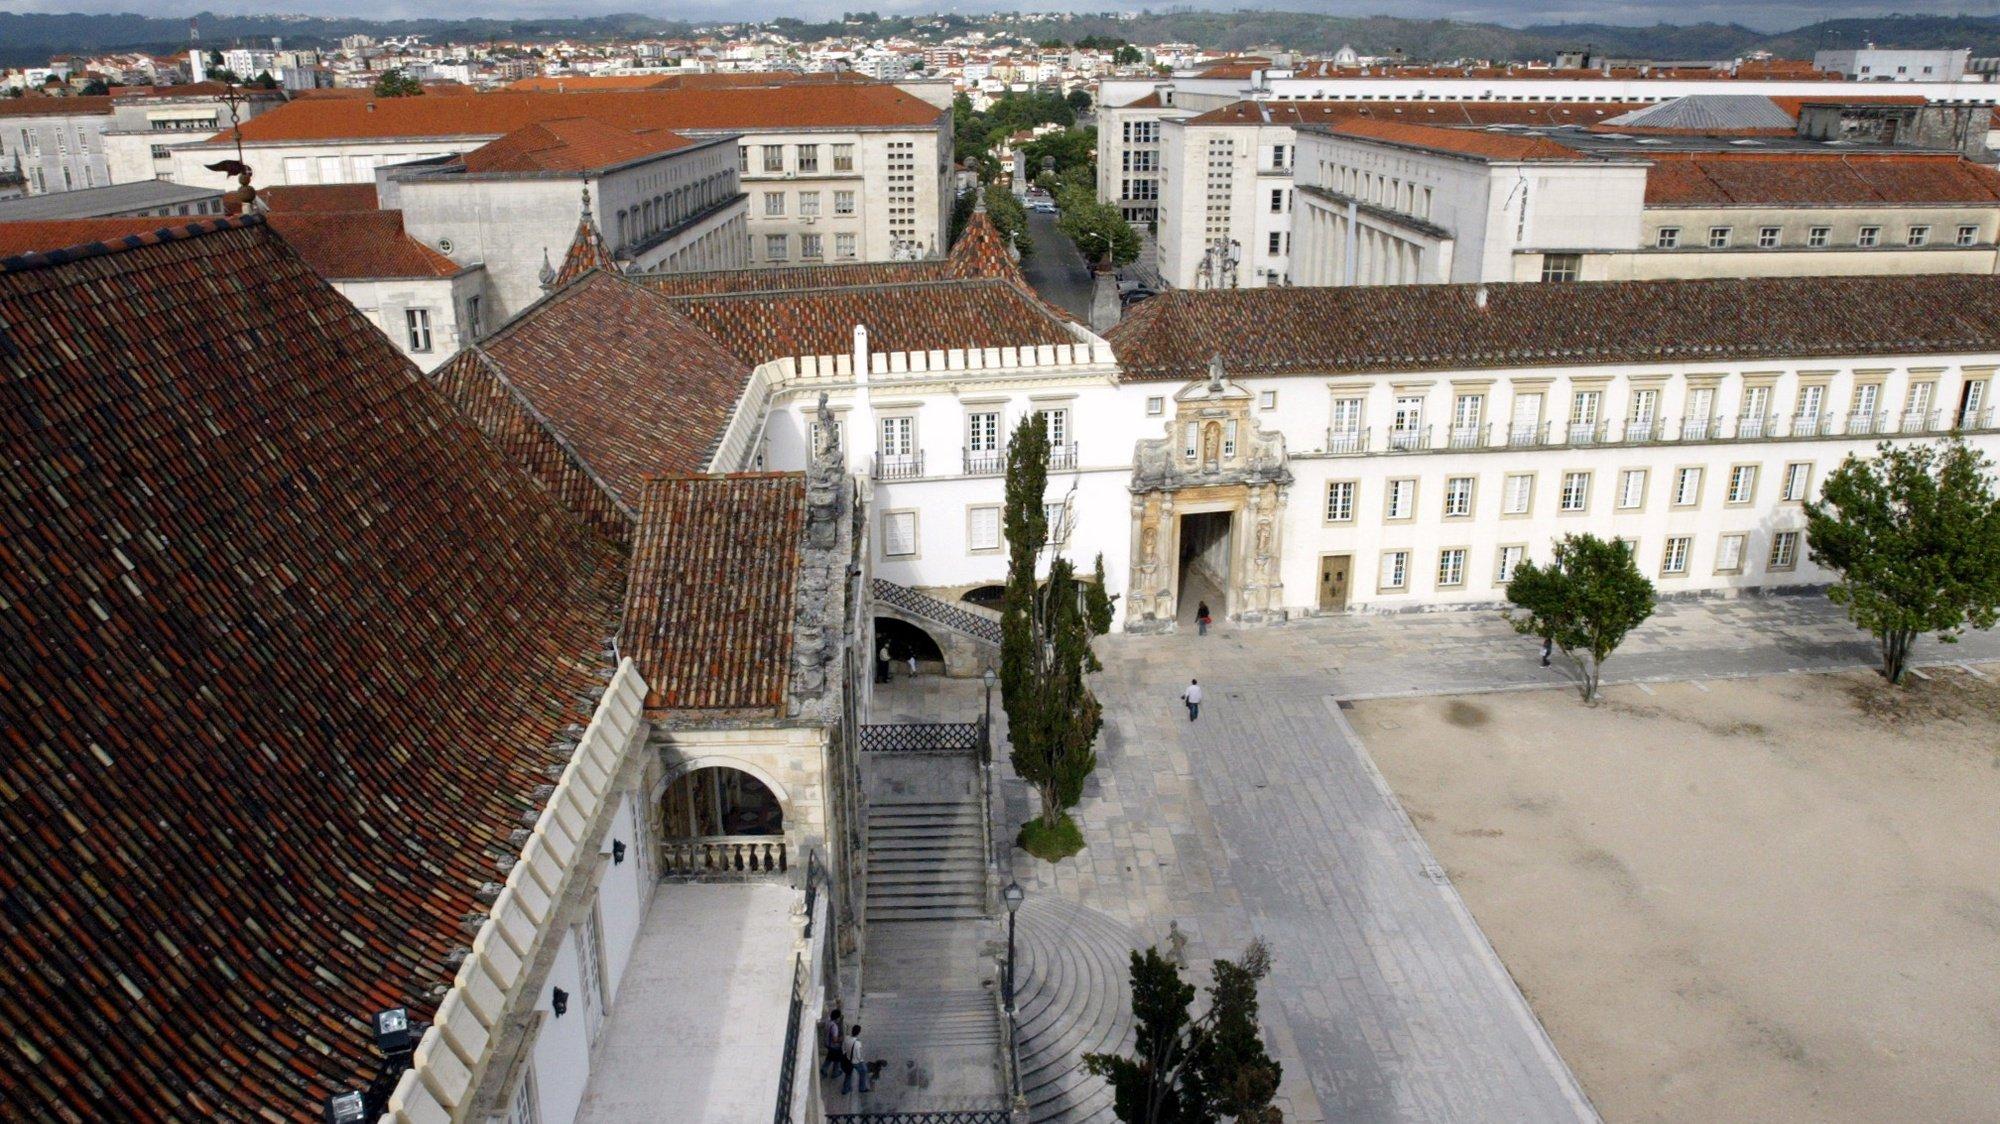 Vista geral da reitoria da Universidade de Coimbra, a 19 de Abril de 2007. PAULO NOVAIS / LUSA